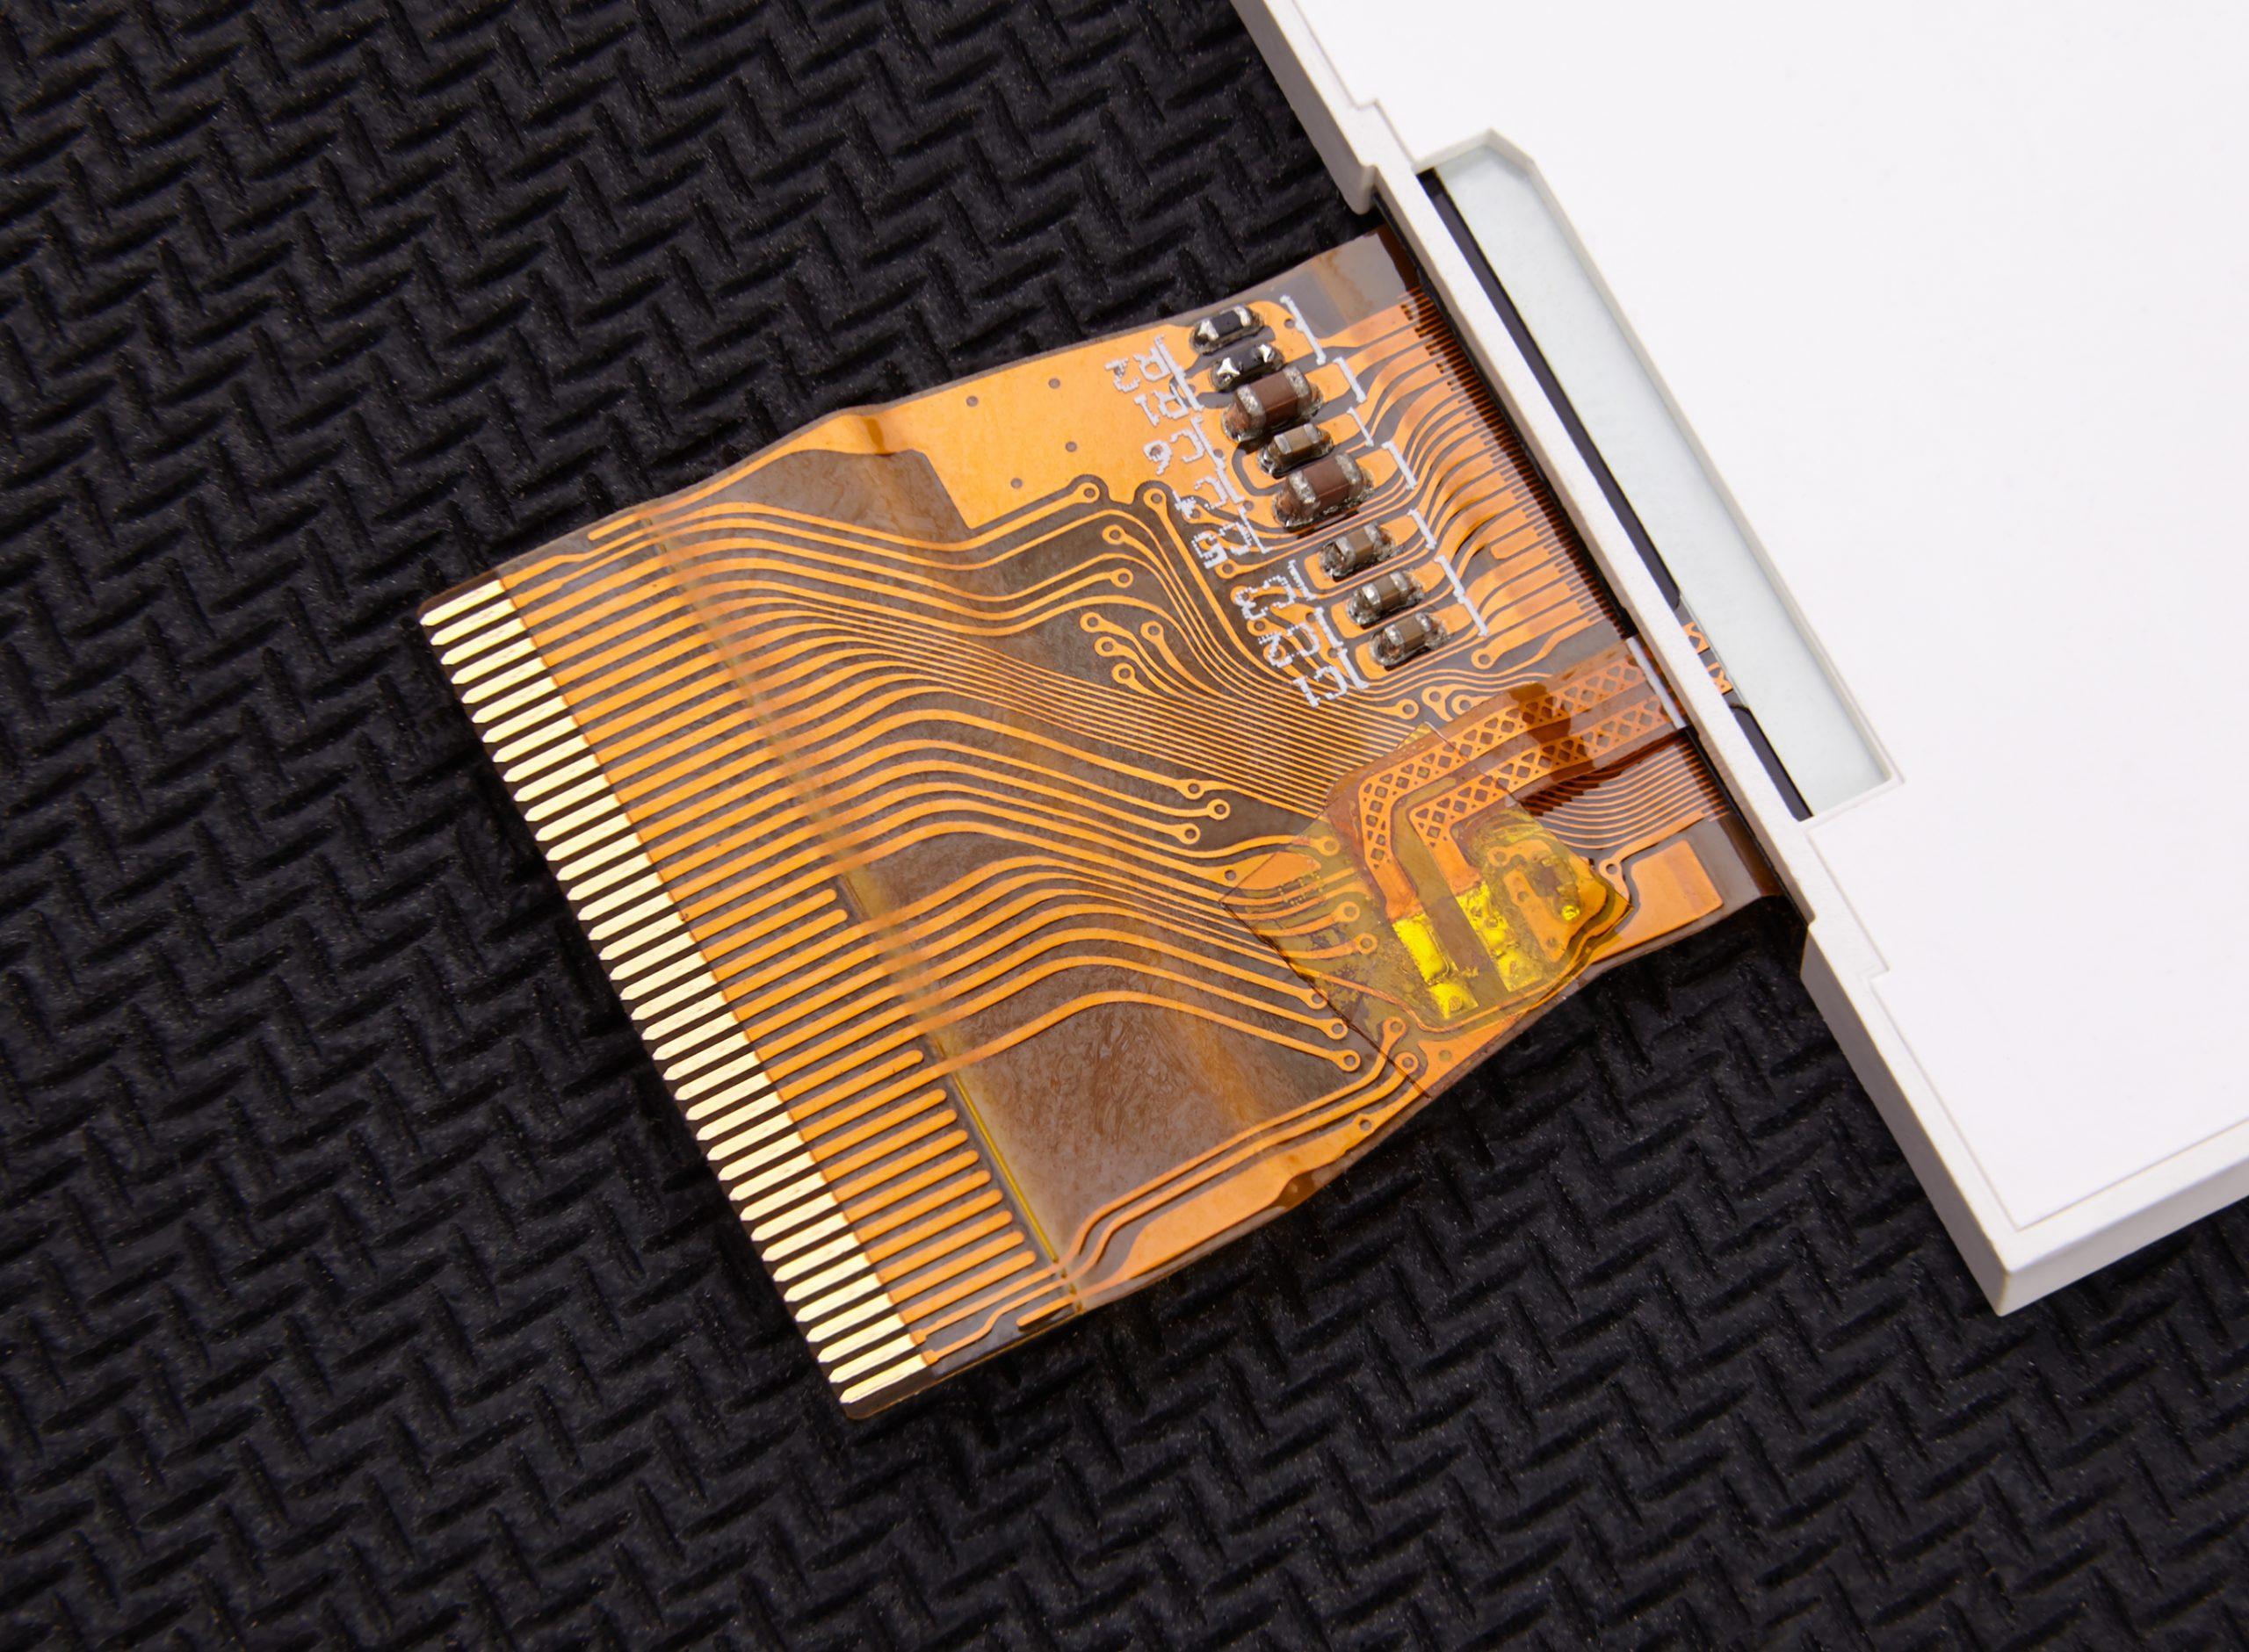 flexed circuit